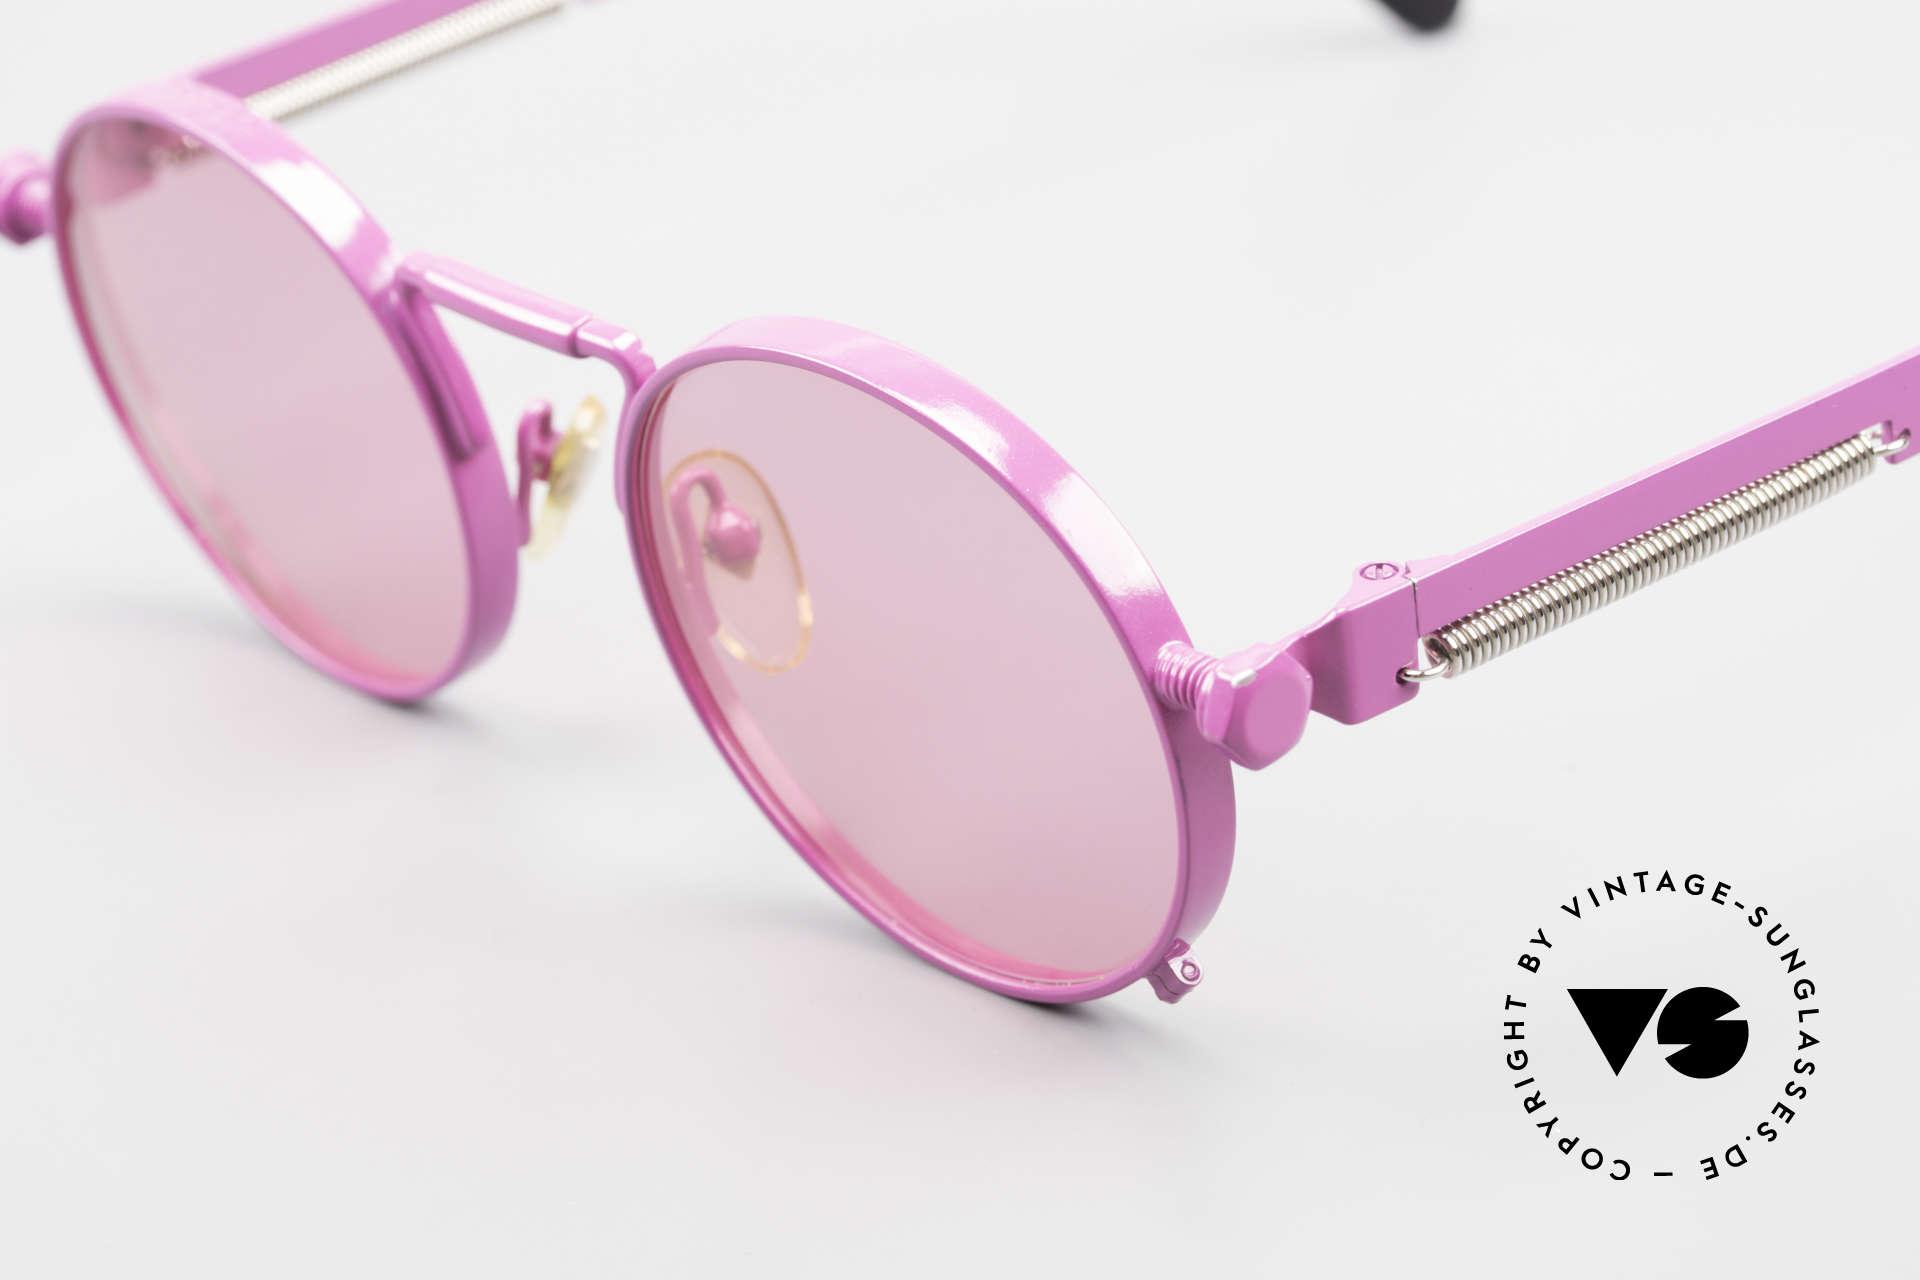 Jean Paul Gaultier 56-8171 Sonderanfertigung in Pink, Premium-Qualität wie aus einem Guss, made in Japan, Passend für Herren und Damen